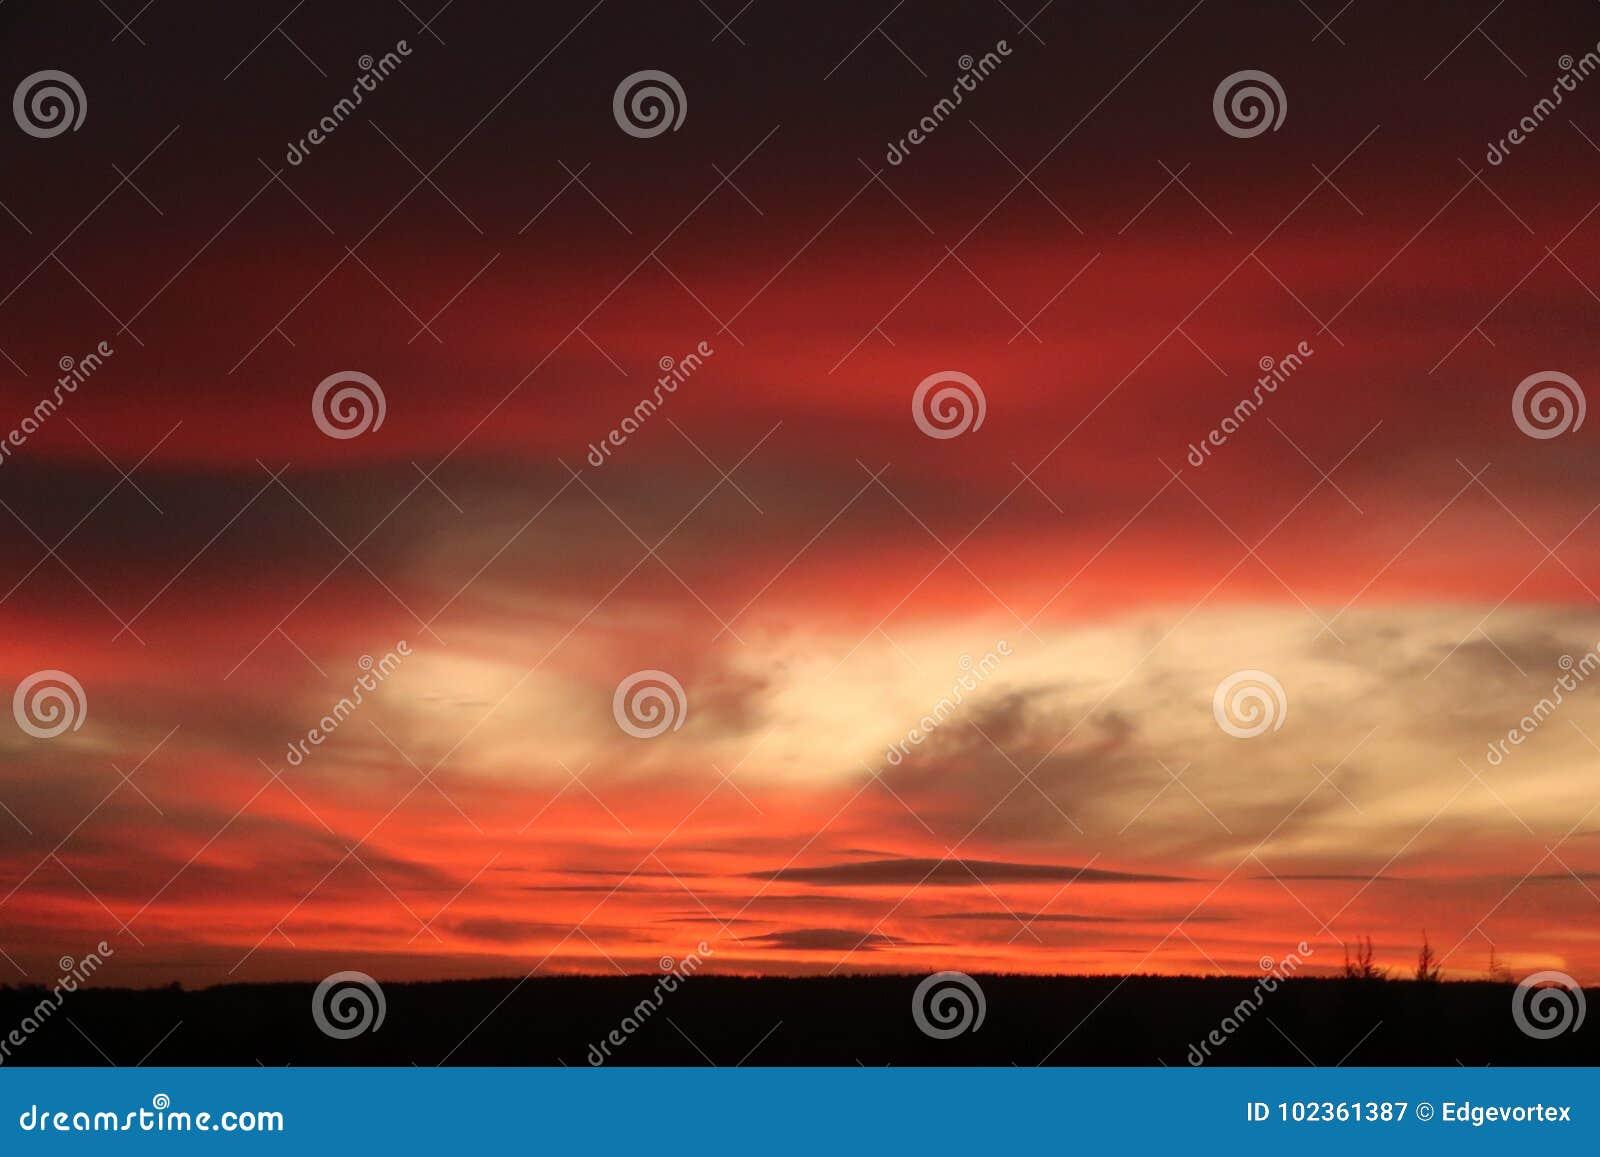 Citaten Over Zonsondergang : Dramatische zonsondergang over pijnboombos stock